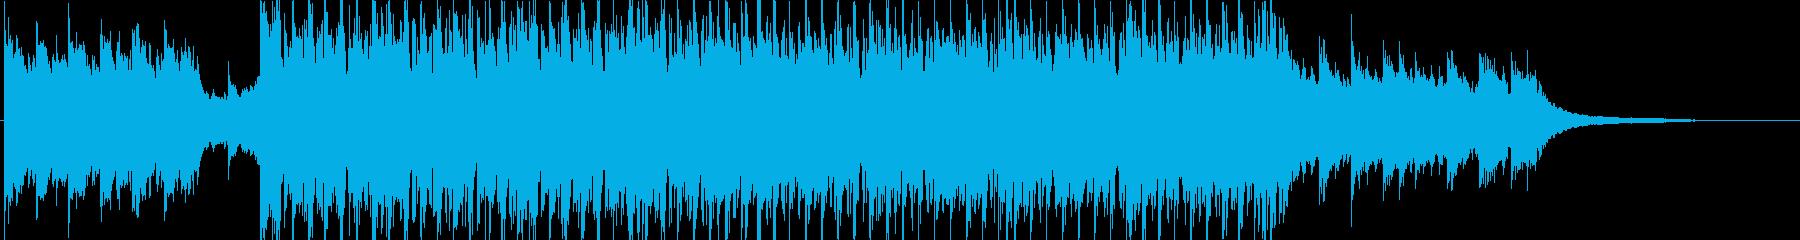 前向きなイメージのオープニング④の再生済みの波形